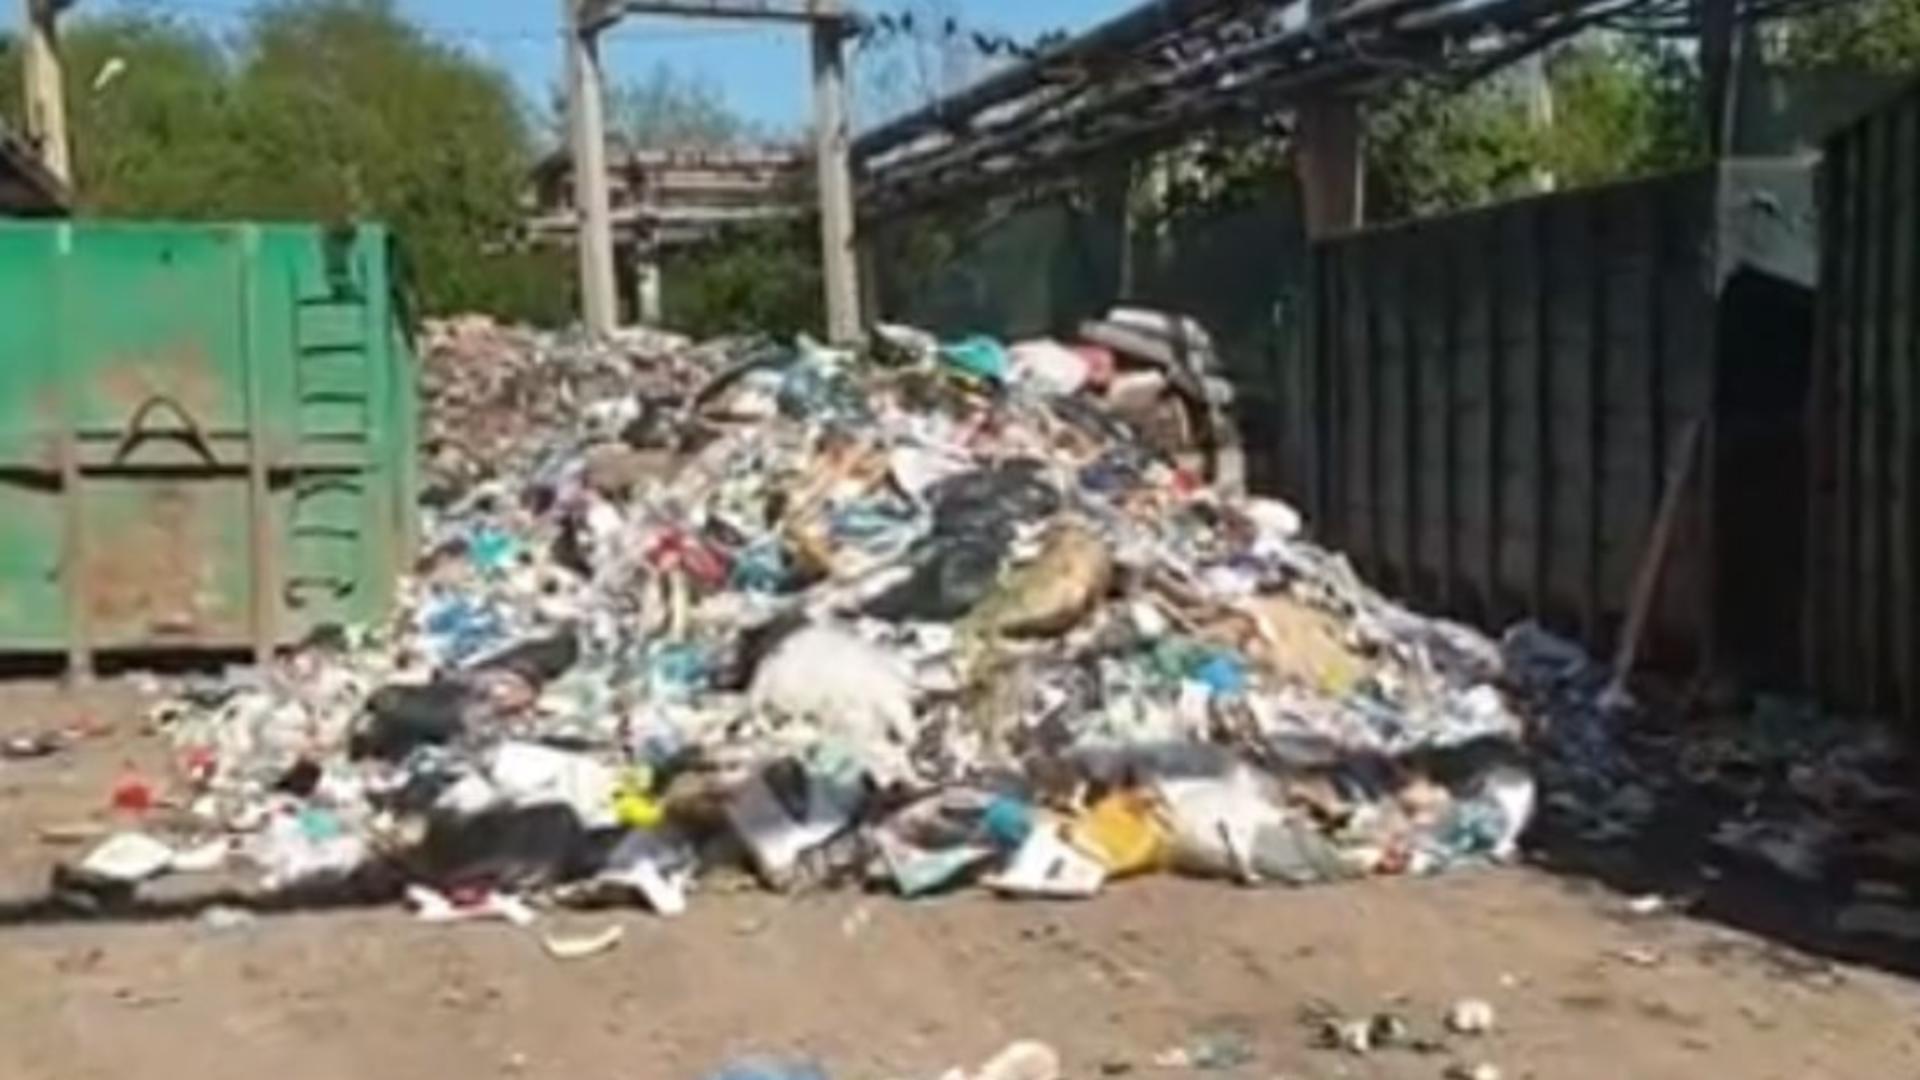 Tone de deșeuri depozitate în curtea companiei Nitramonia Făgăraș. Foto/Captură video